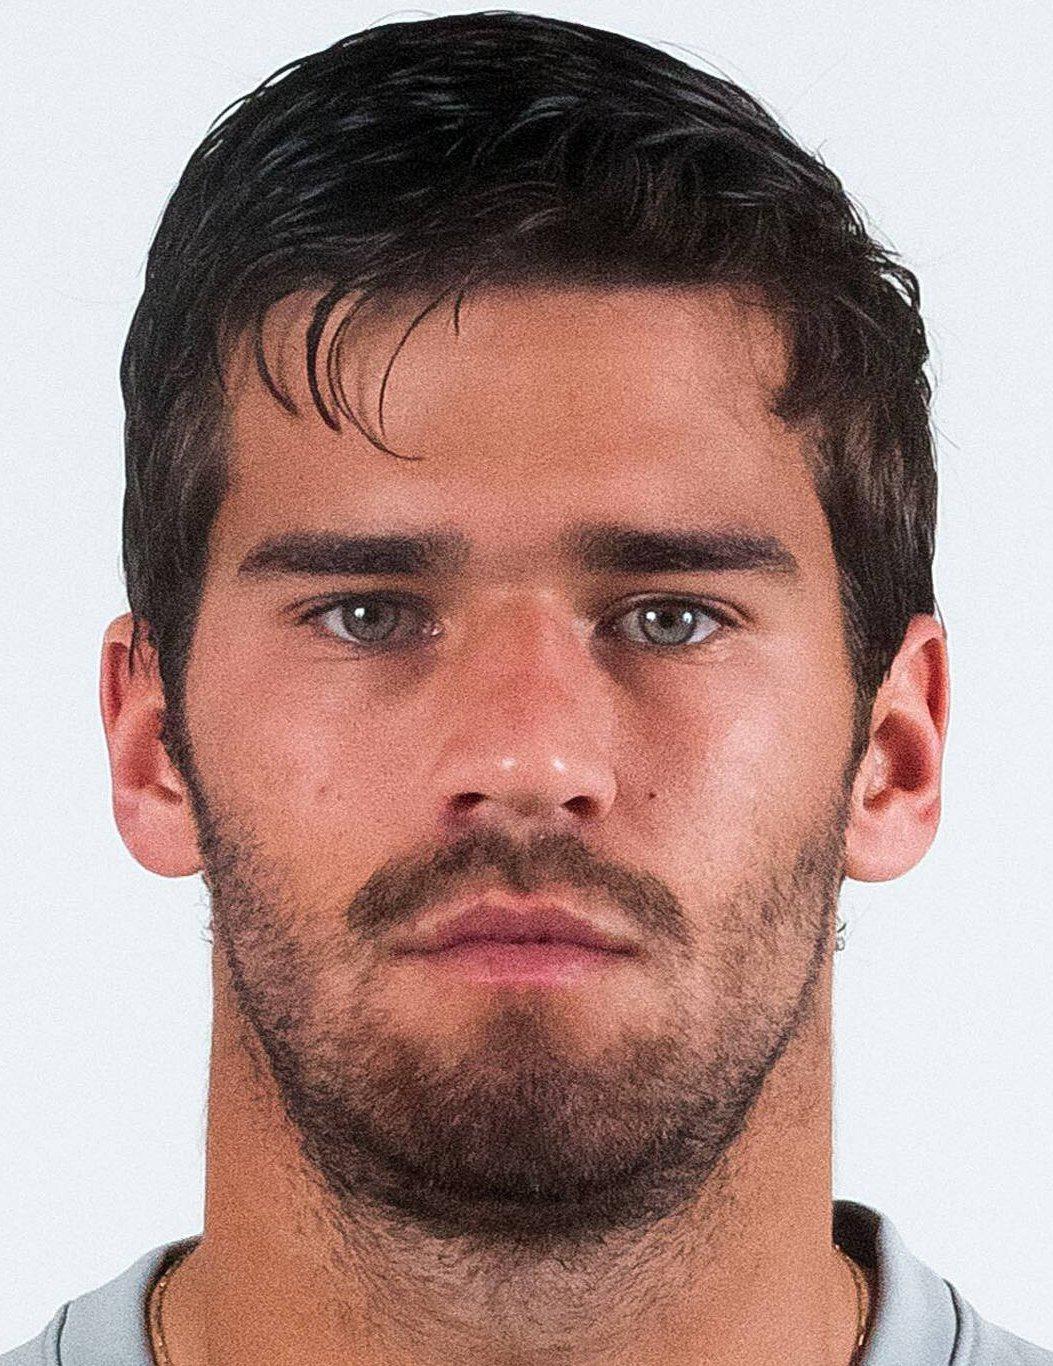 Alisson becker liverpool footballer foursome sextape part 2 - 3 part 3